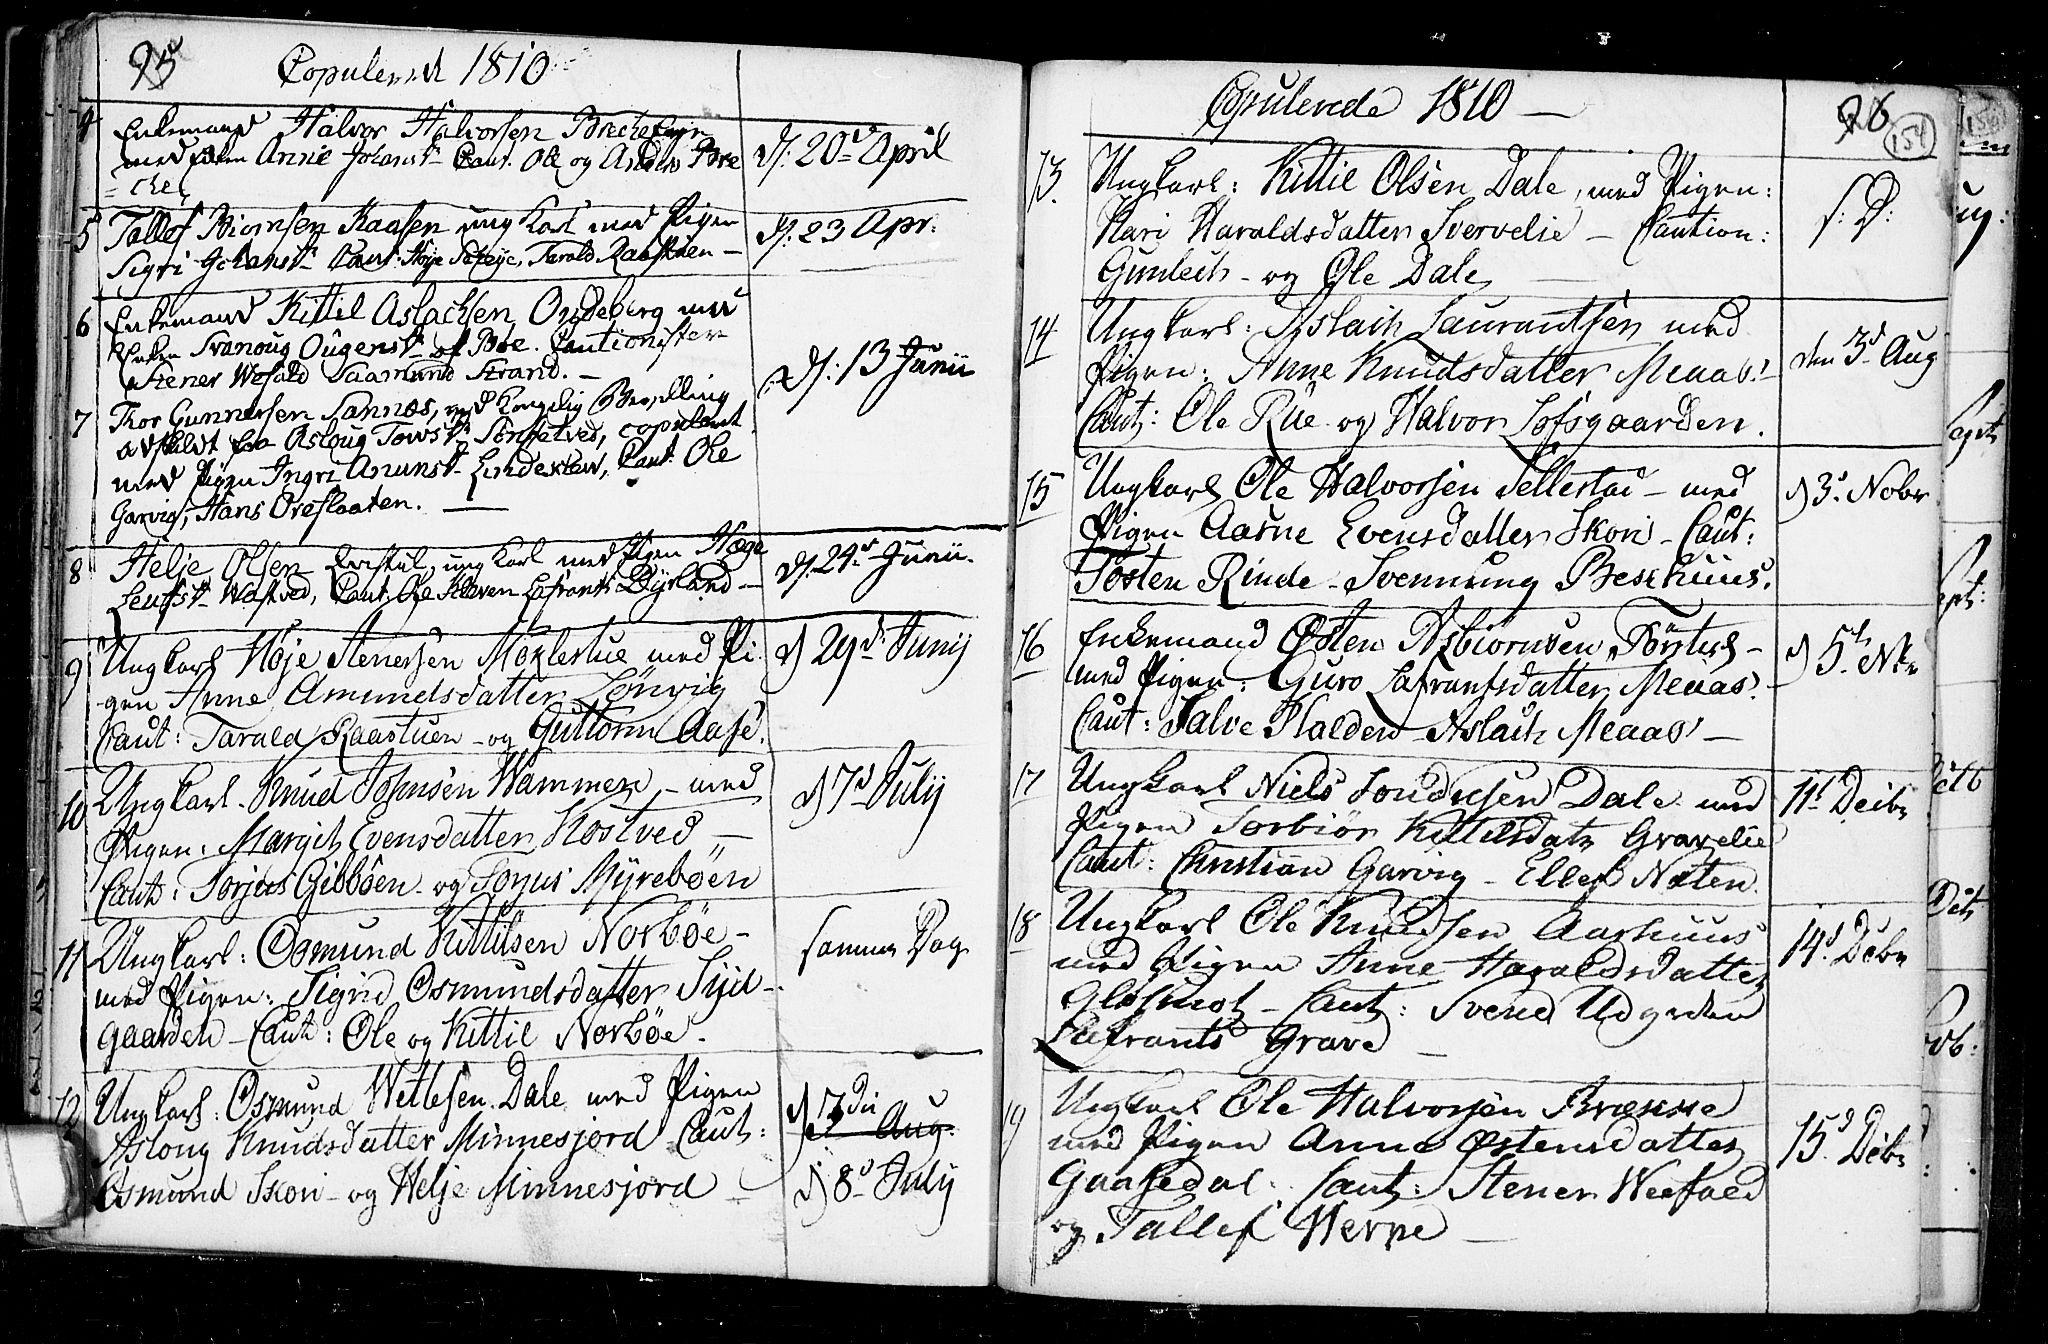 SAKO, Seljord kirkebøker, F/Fa/L0008: Ministerialbok nr. I 8, 1755-1814, s. 154